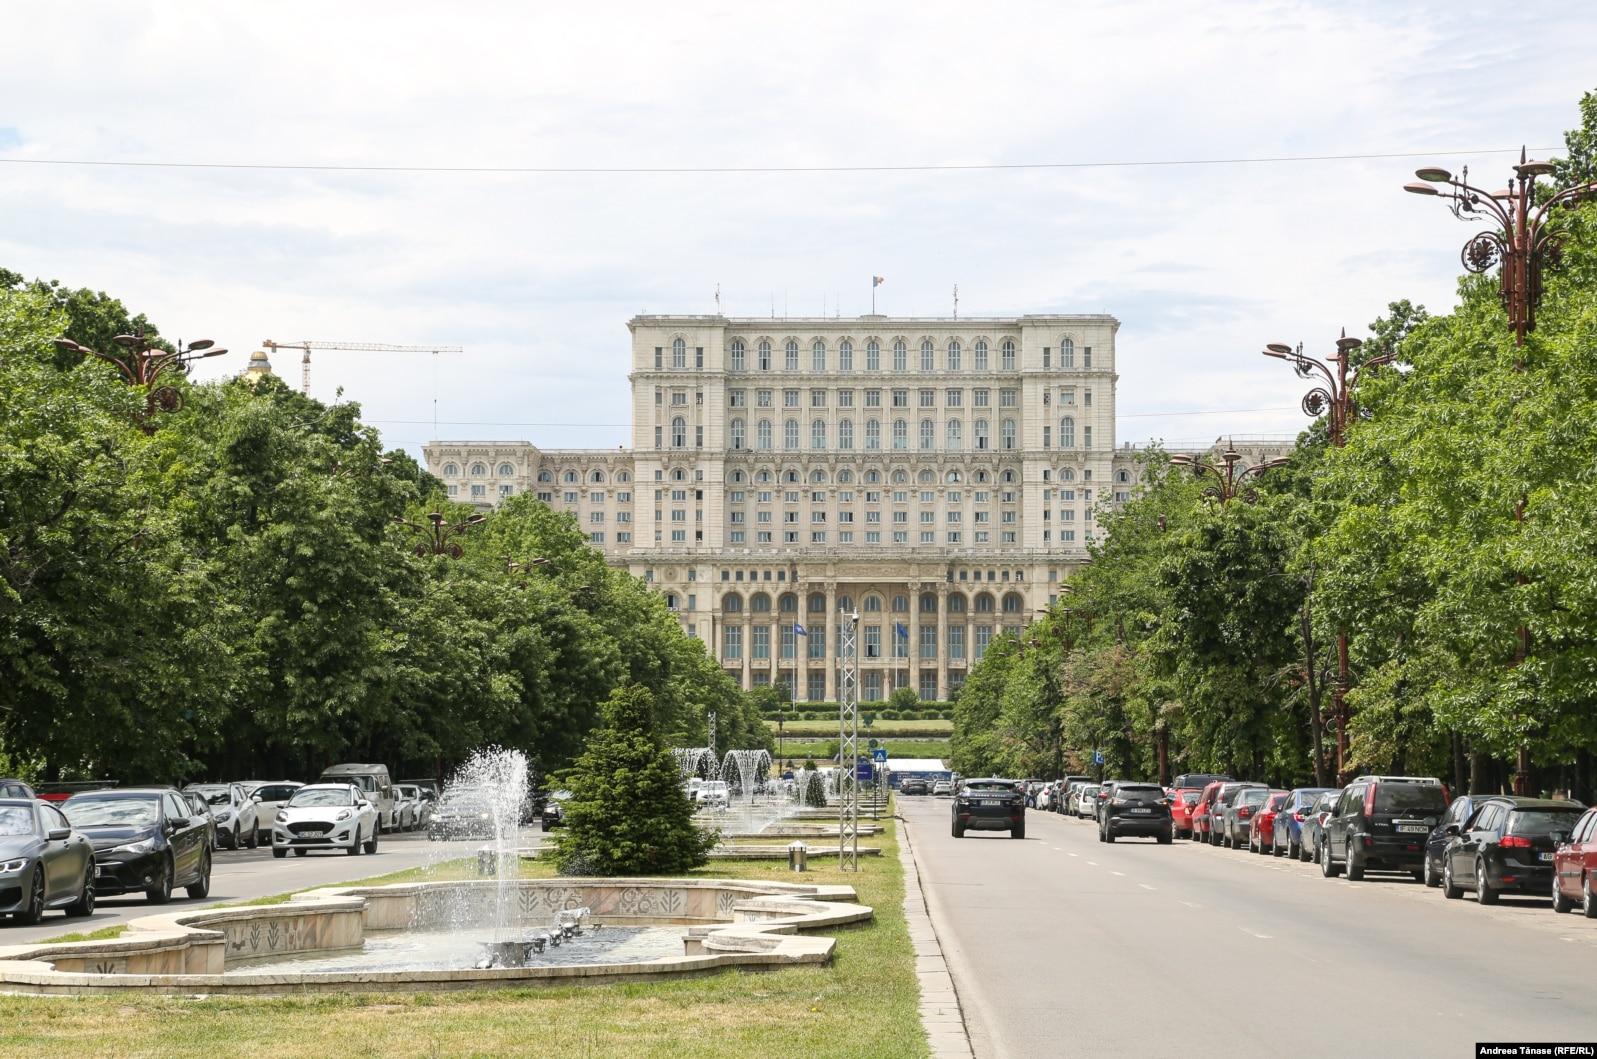 Bucureștiul este orașul unde tunurile imobiliare sunt cele mai profitabile, aceasta pentru că orașul se extinde în continuu, iar cererea de terenuri este mare.